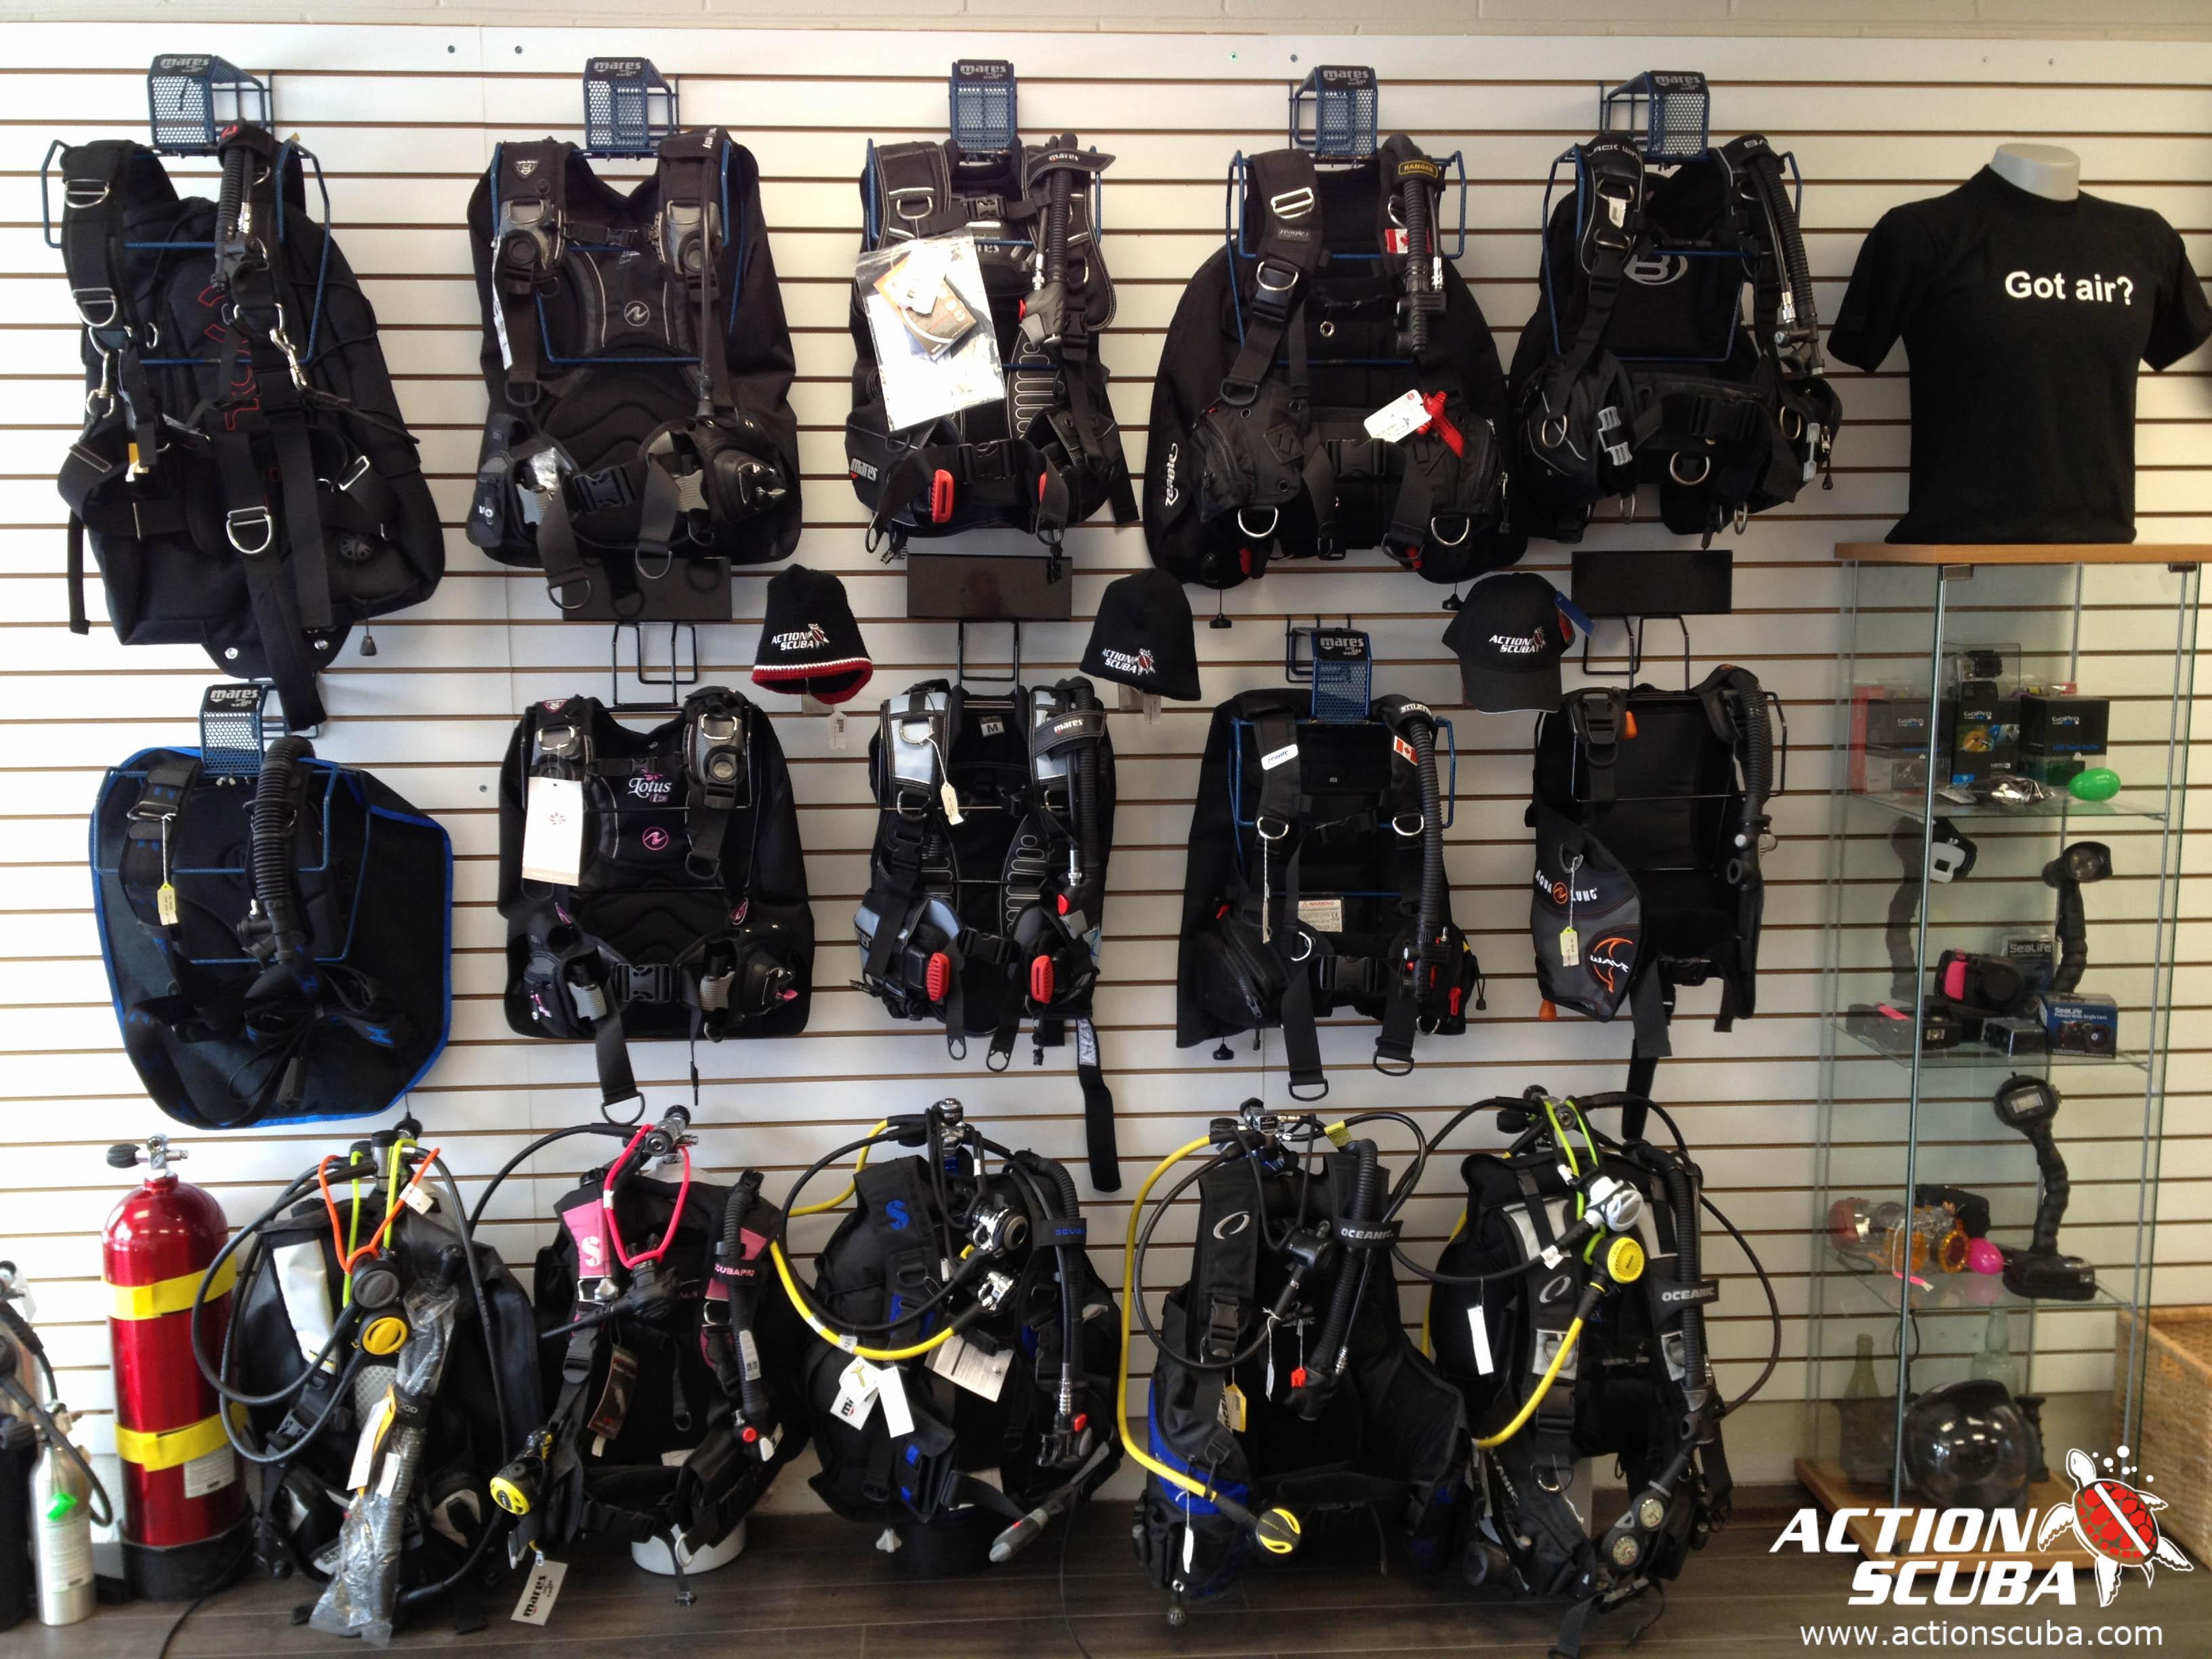 Montreal Scuba Diving Shop Action Scuba Dive Gear